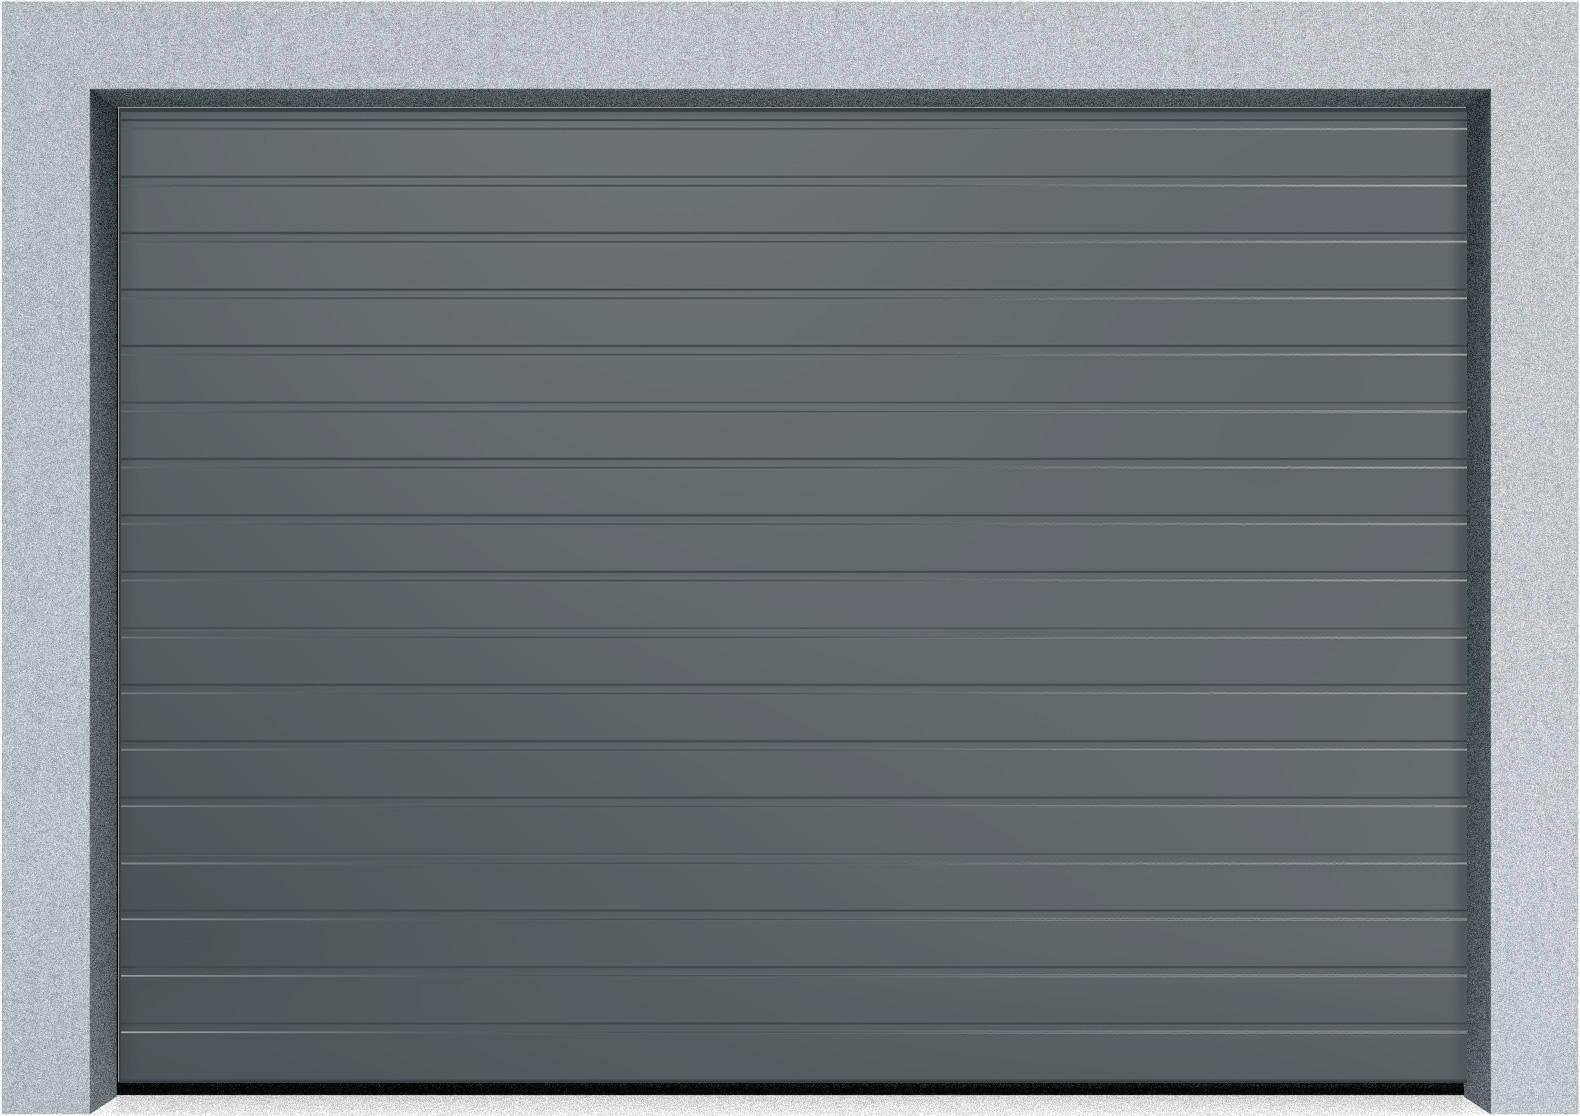 Секционные промышленные ворота Alutech ProTrend 2875х2375 S-гофр, Микроволна стандартные цвета, фото 9